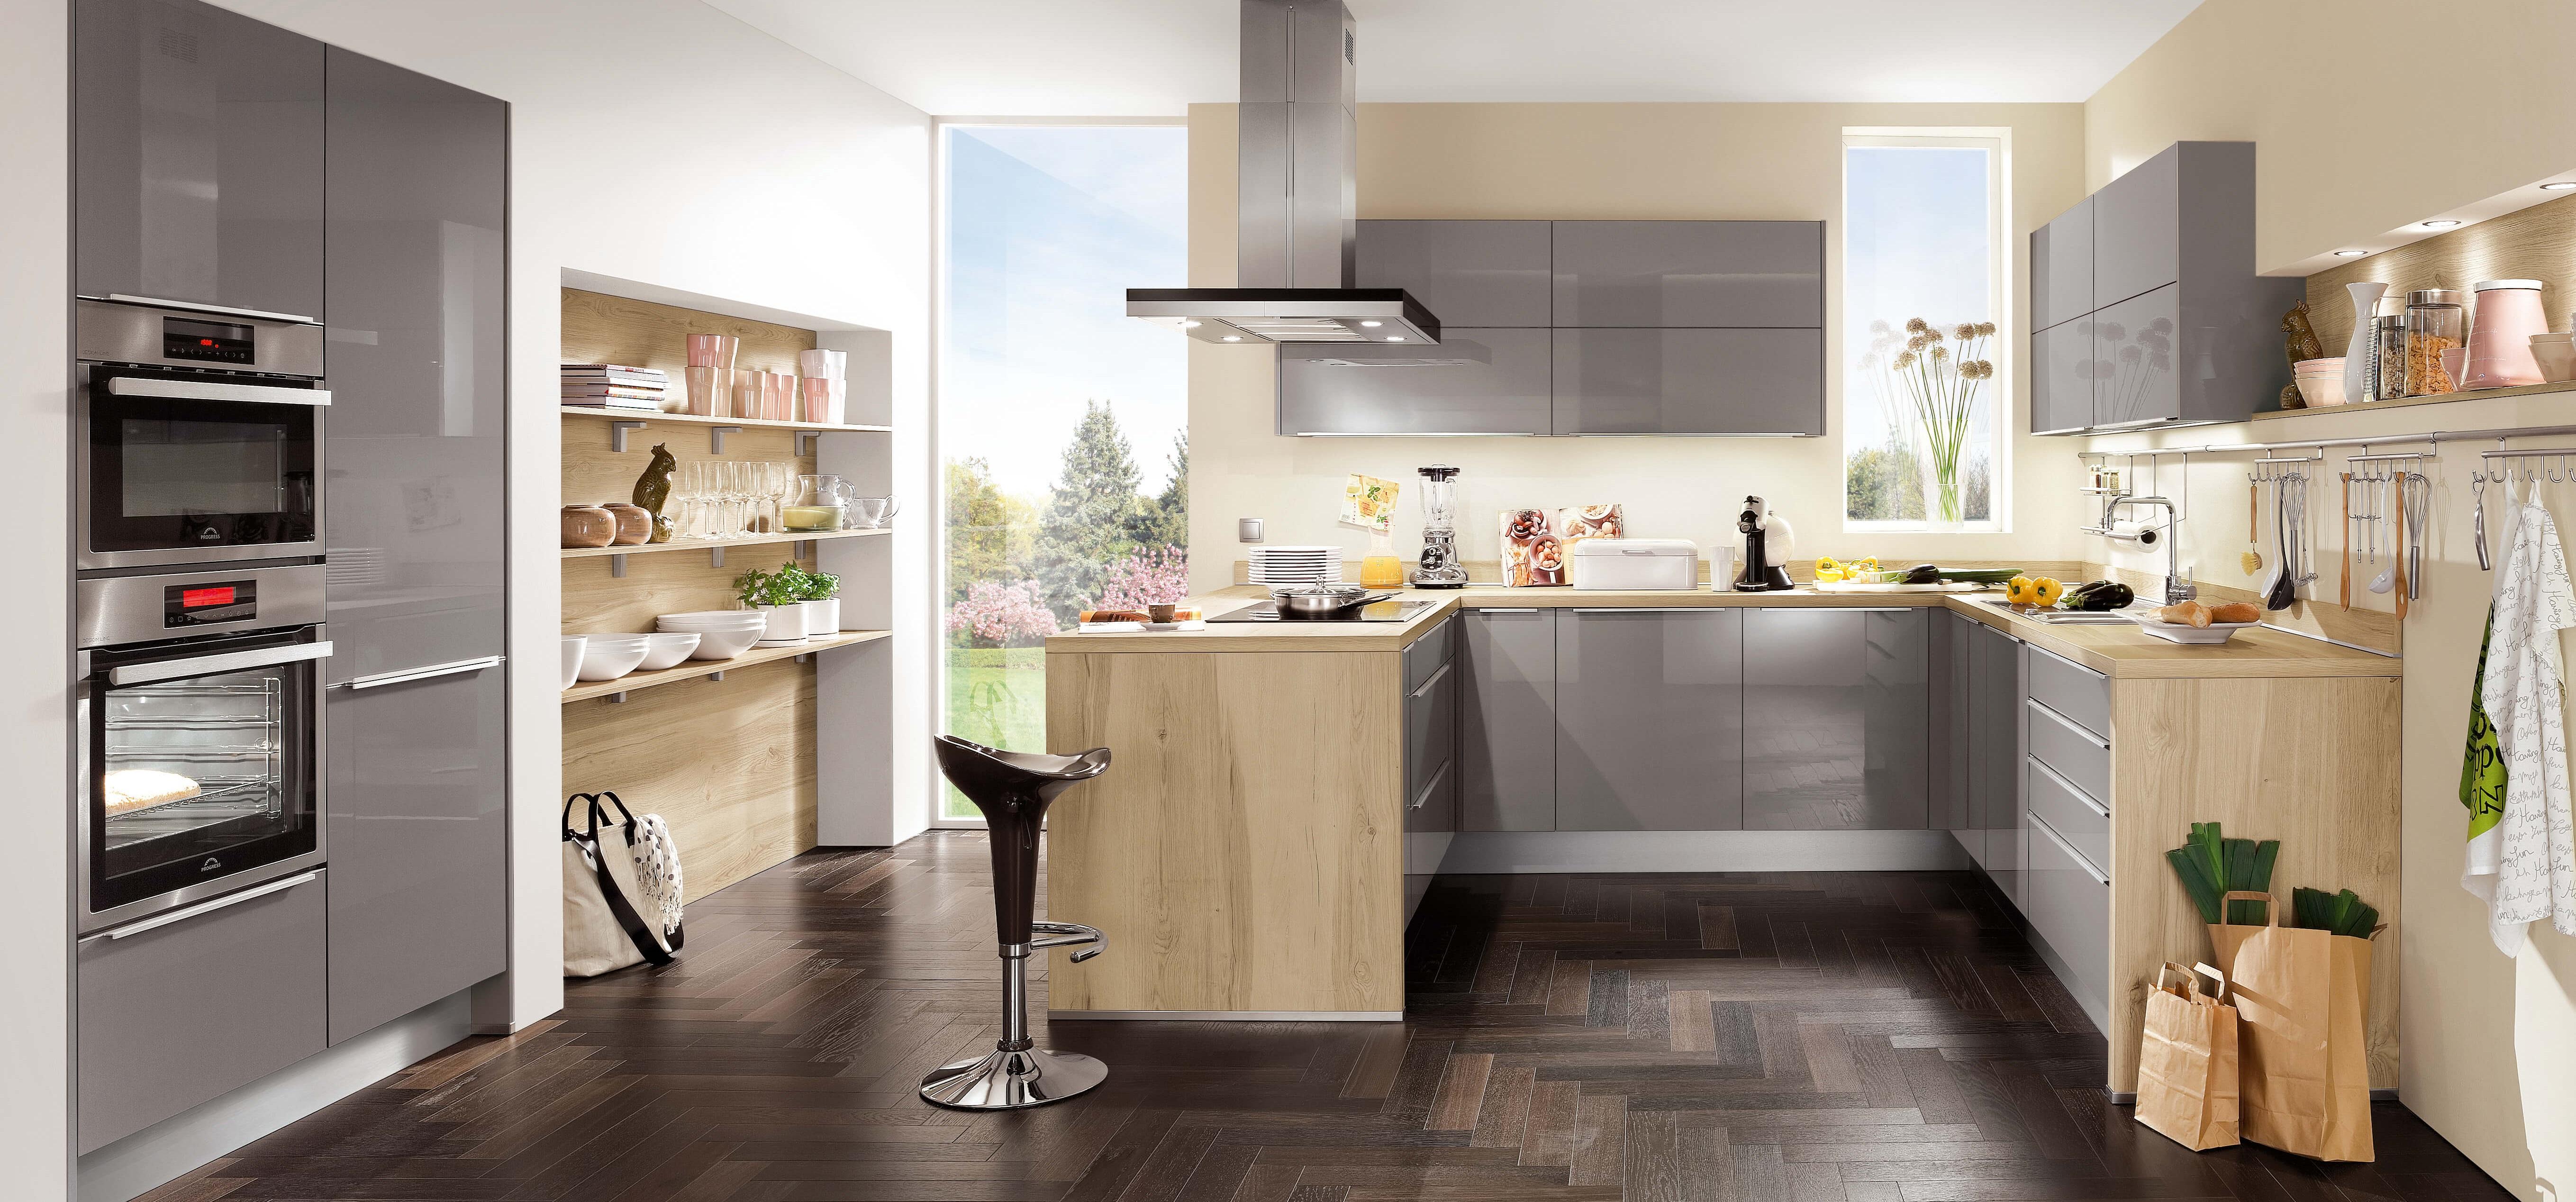 Otthon Bútor Áruház - Elemes -, Egyedi konyhabútorok, BRW bútorok